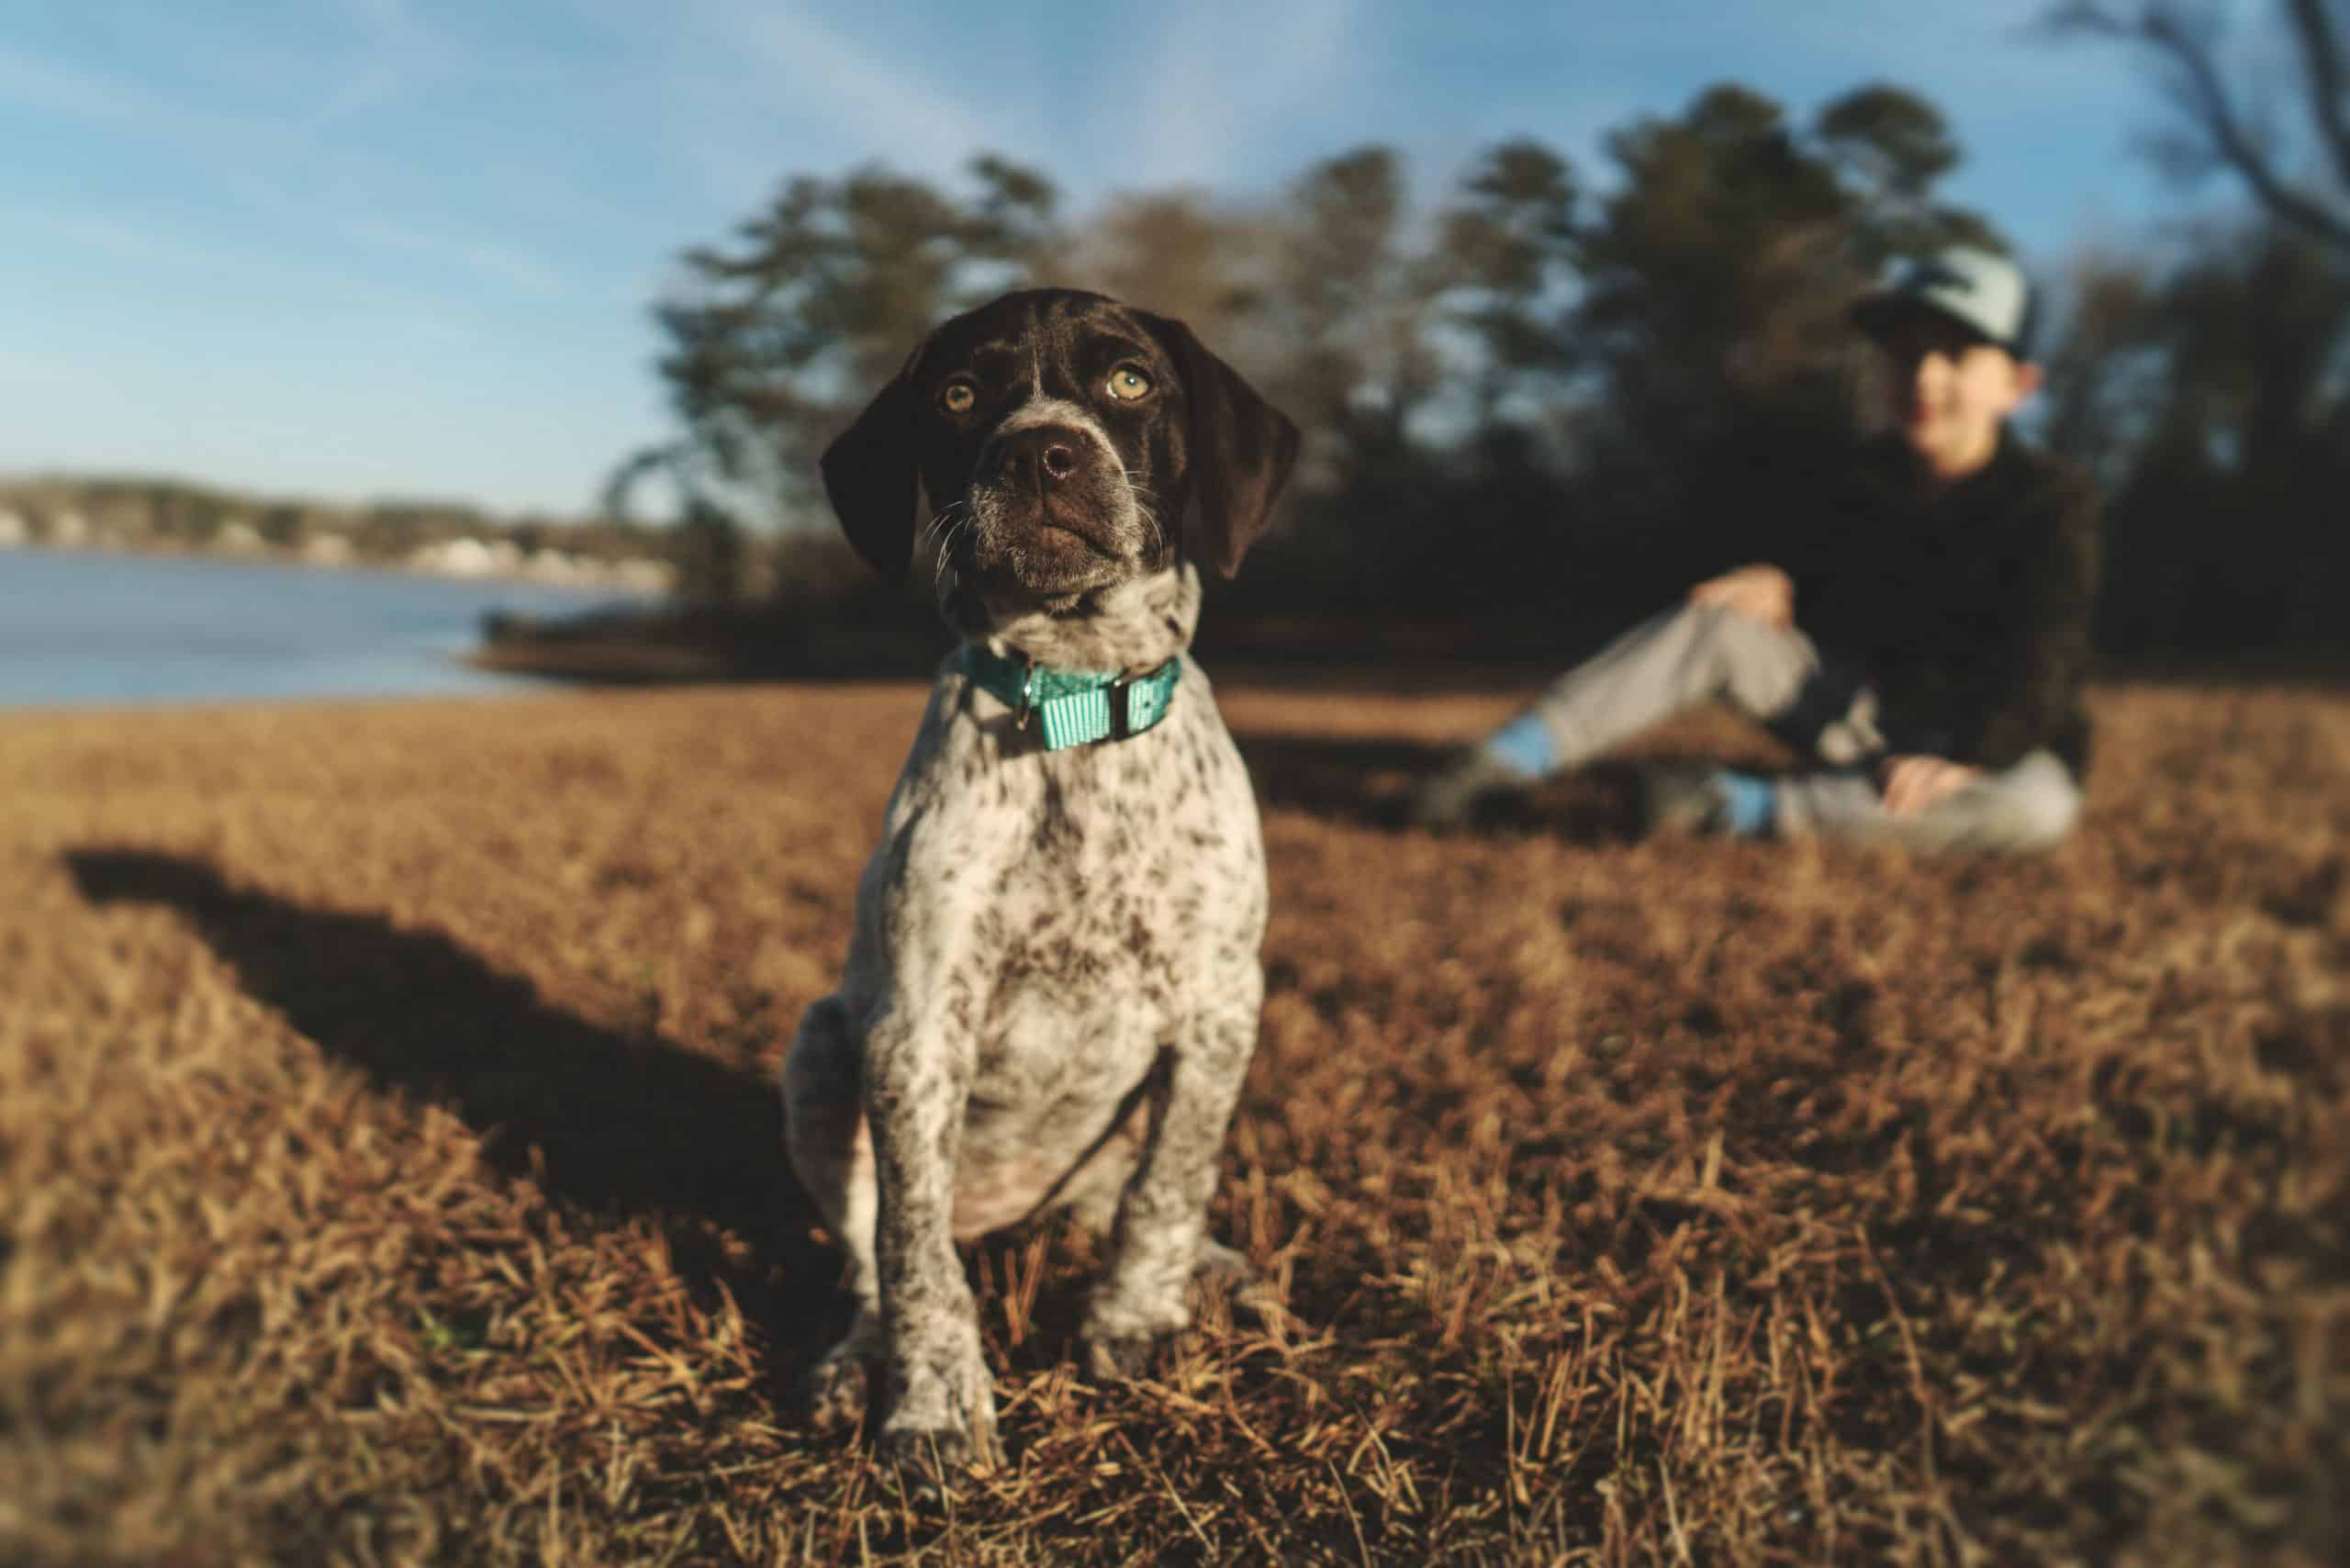 German Shorthaired Pointer puppy sitting in grass.